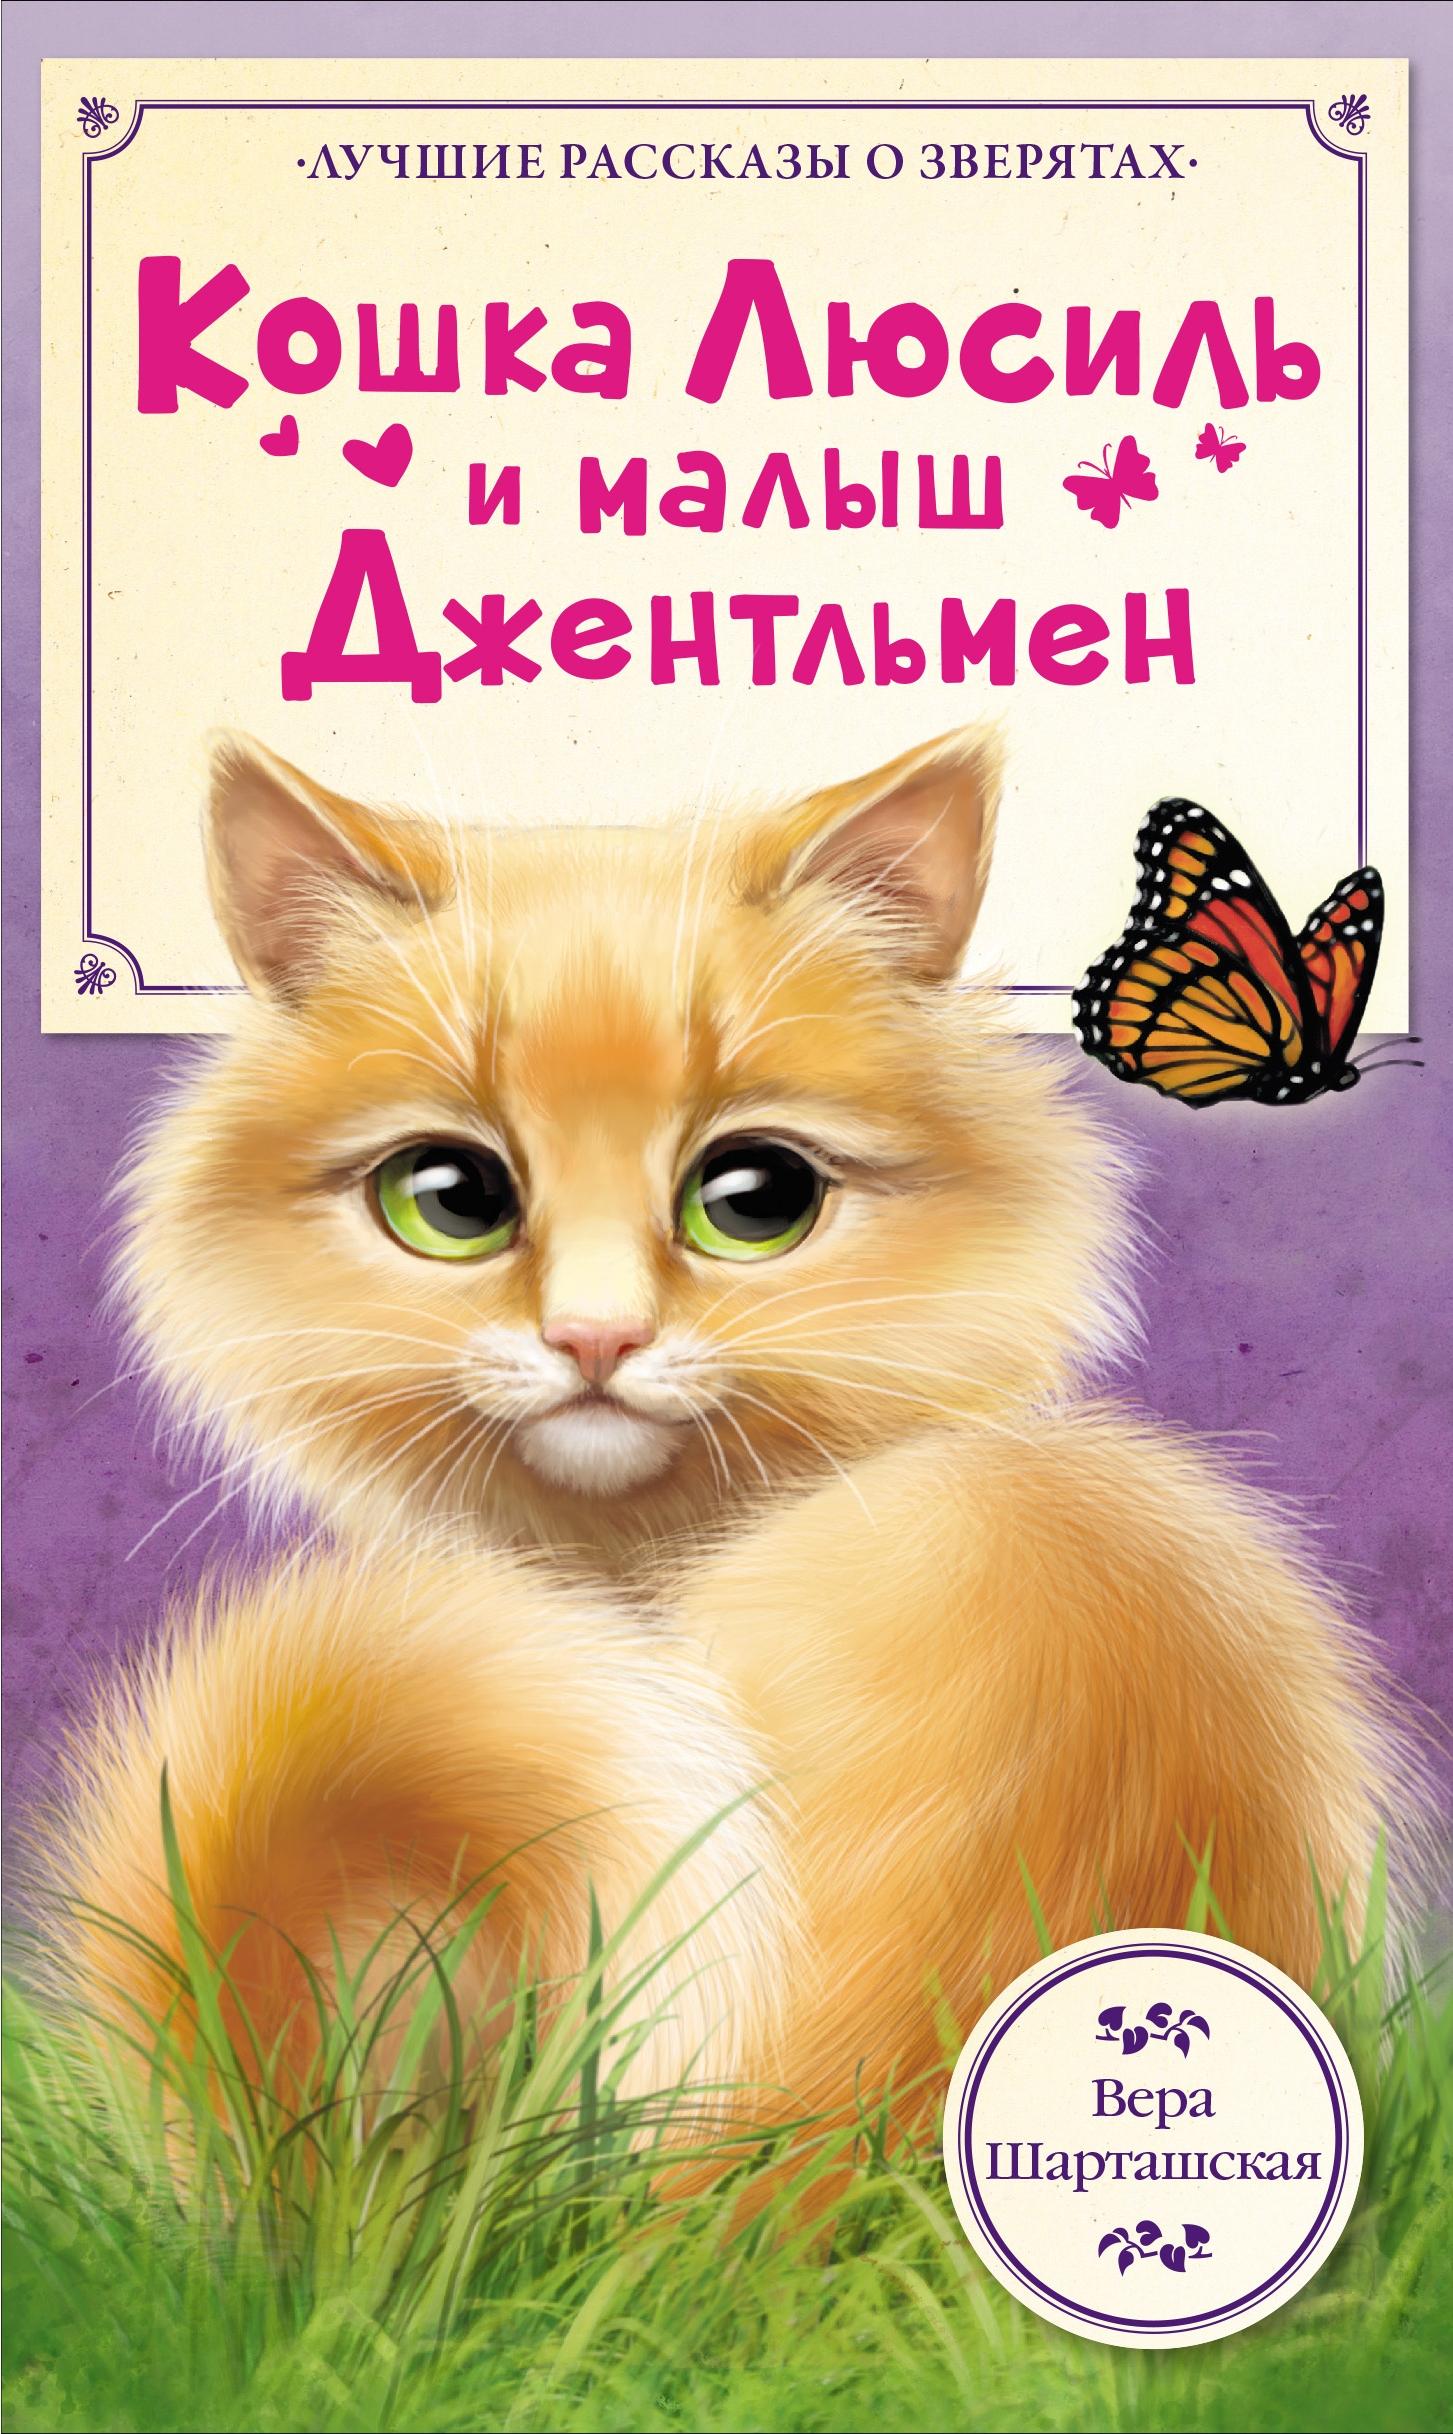 Кошка Люсиль и малыш Джентльмен